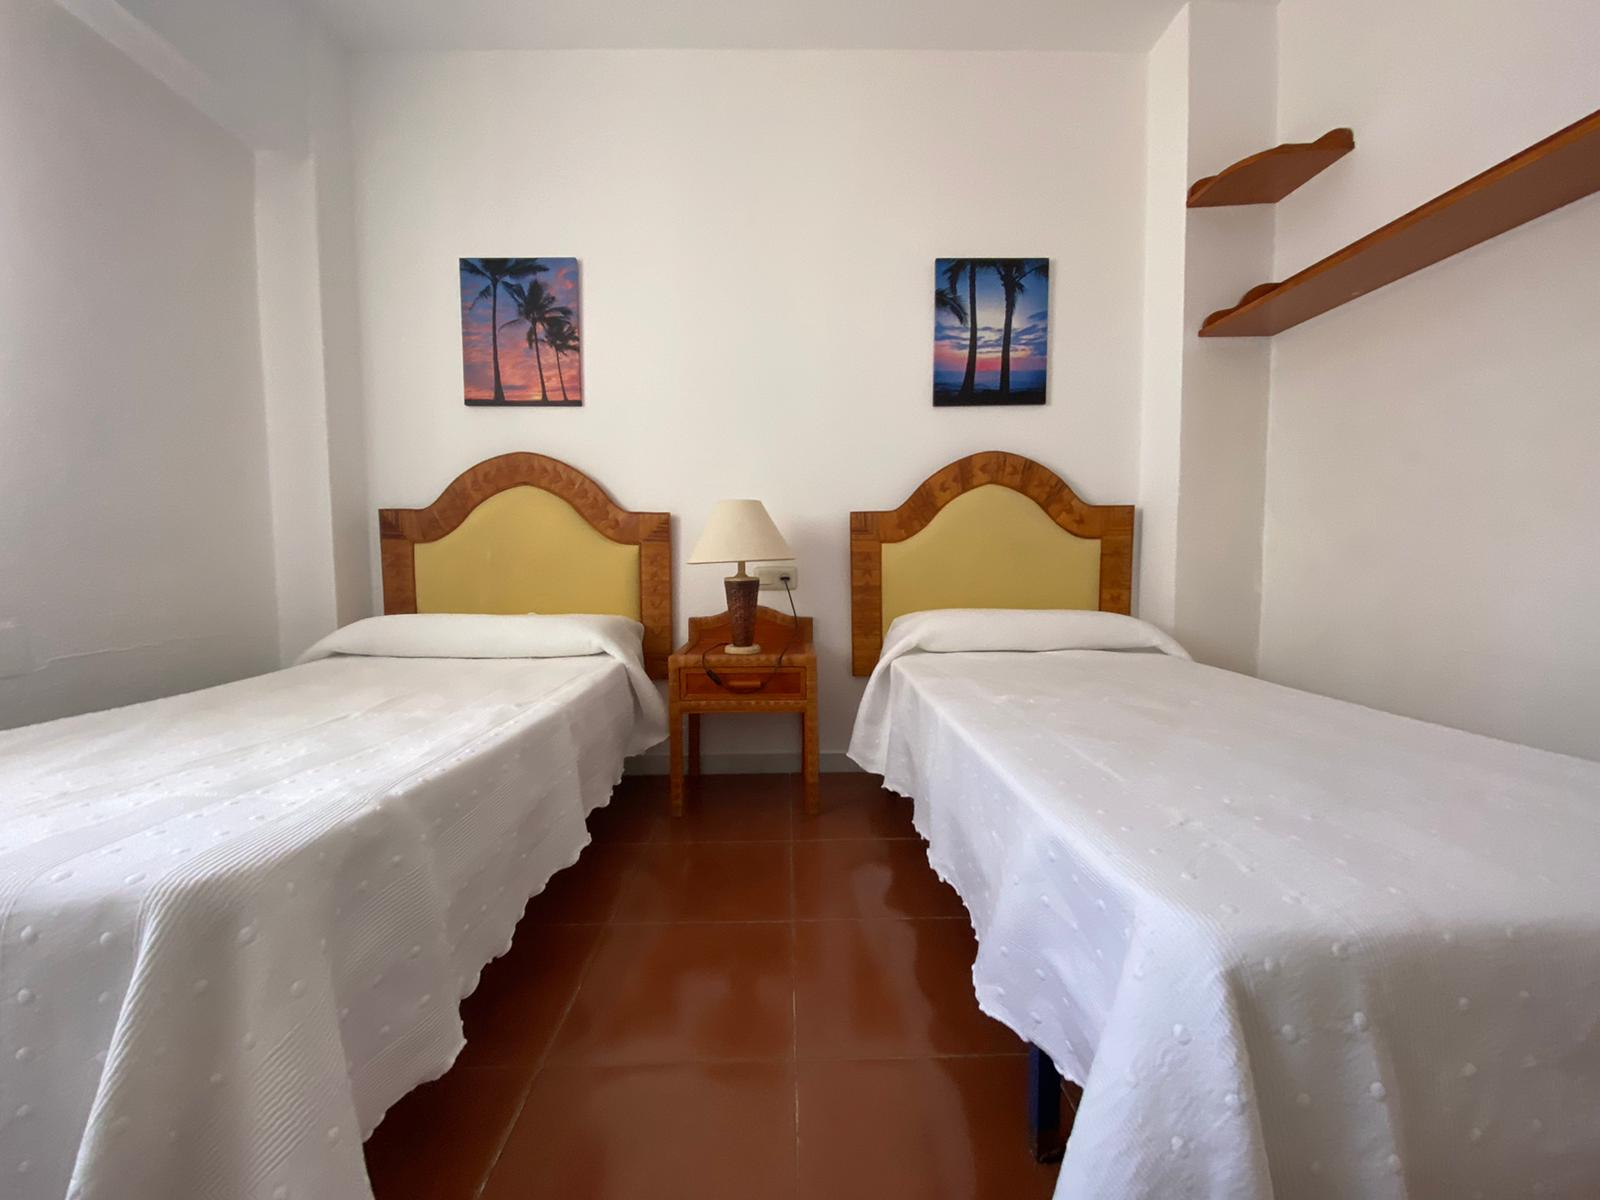 Imagen 18 del Vivienda Turística, Ático 94 (3d+2b), Isla Canela (HUELVA), Avda. de las Codornices nº 24 bloque 1-3